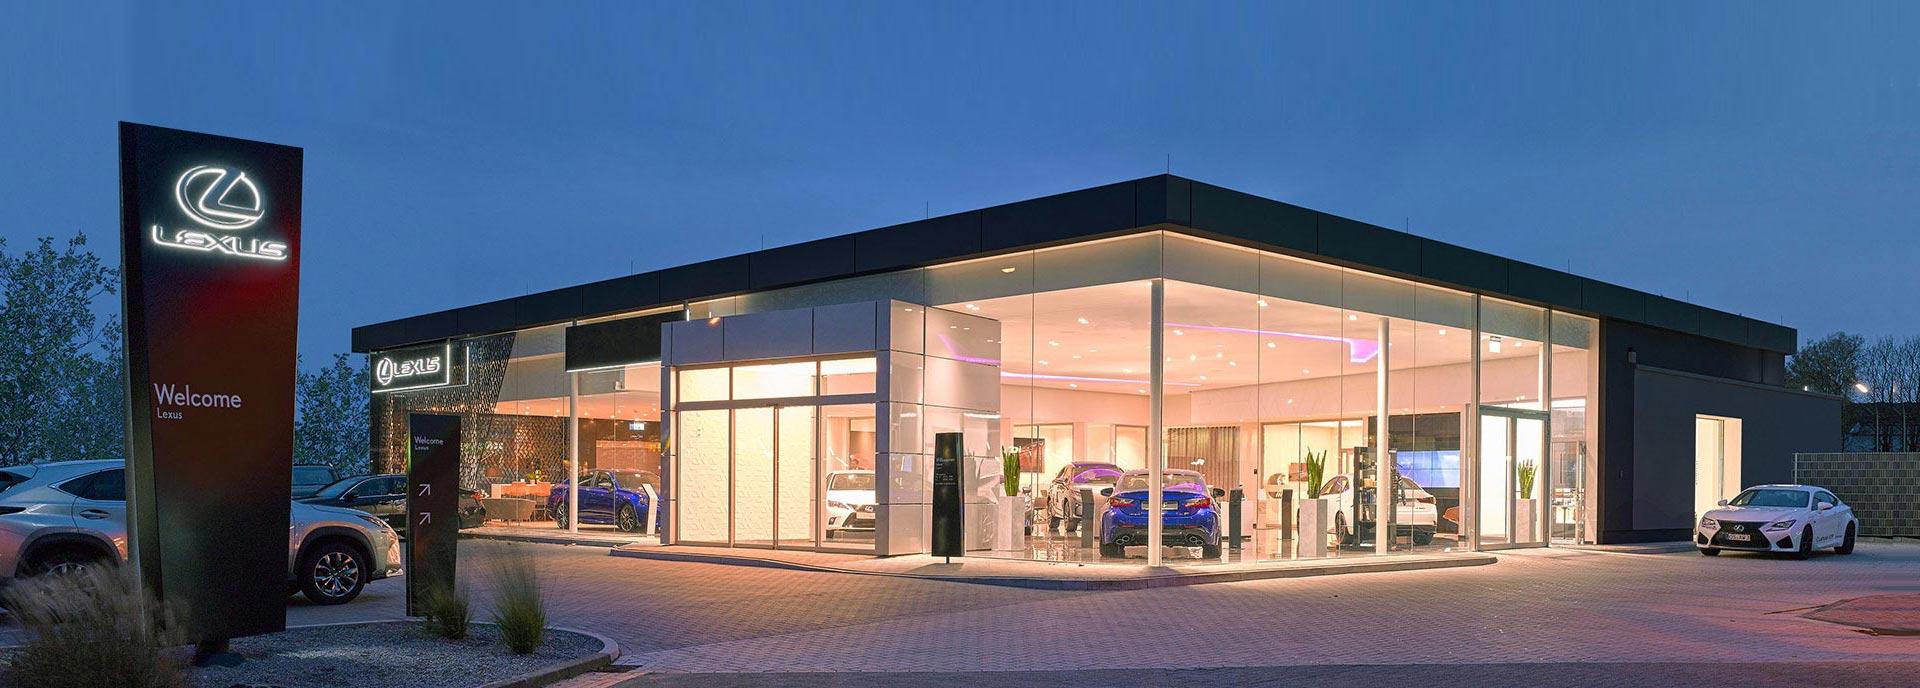 Een Lexus dealerpand in schemering